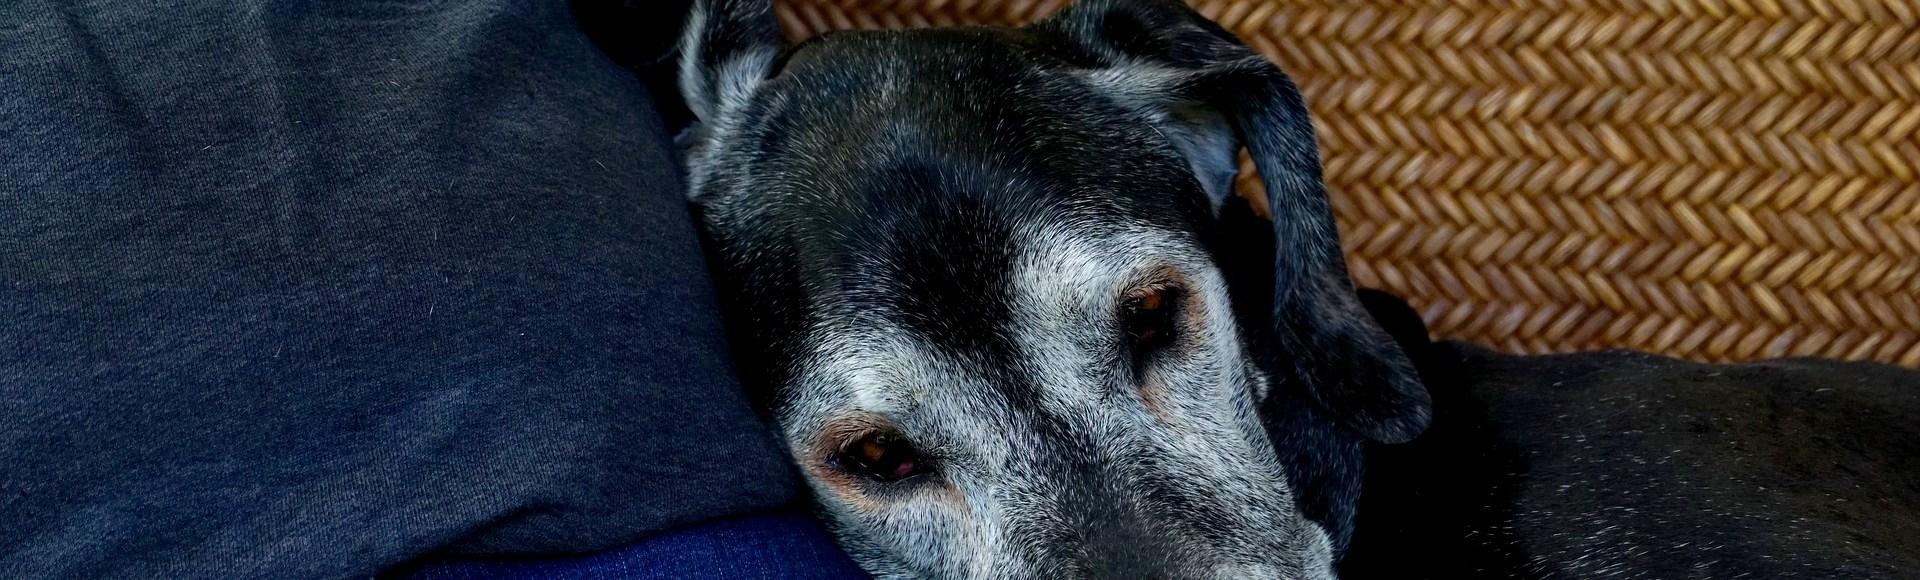 Wenn Sie sich um Ihren älteren Hund kümmern und ihn regelmäßig zum Tierarzt bringen, bleibt Ihr Hund länger gesund und glücklich.